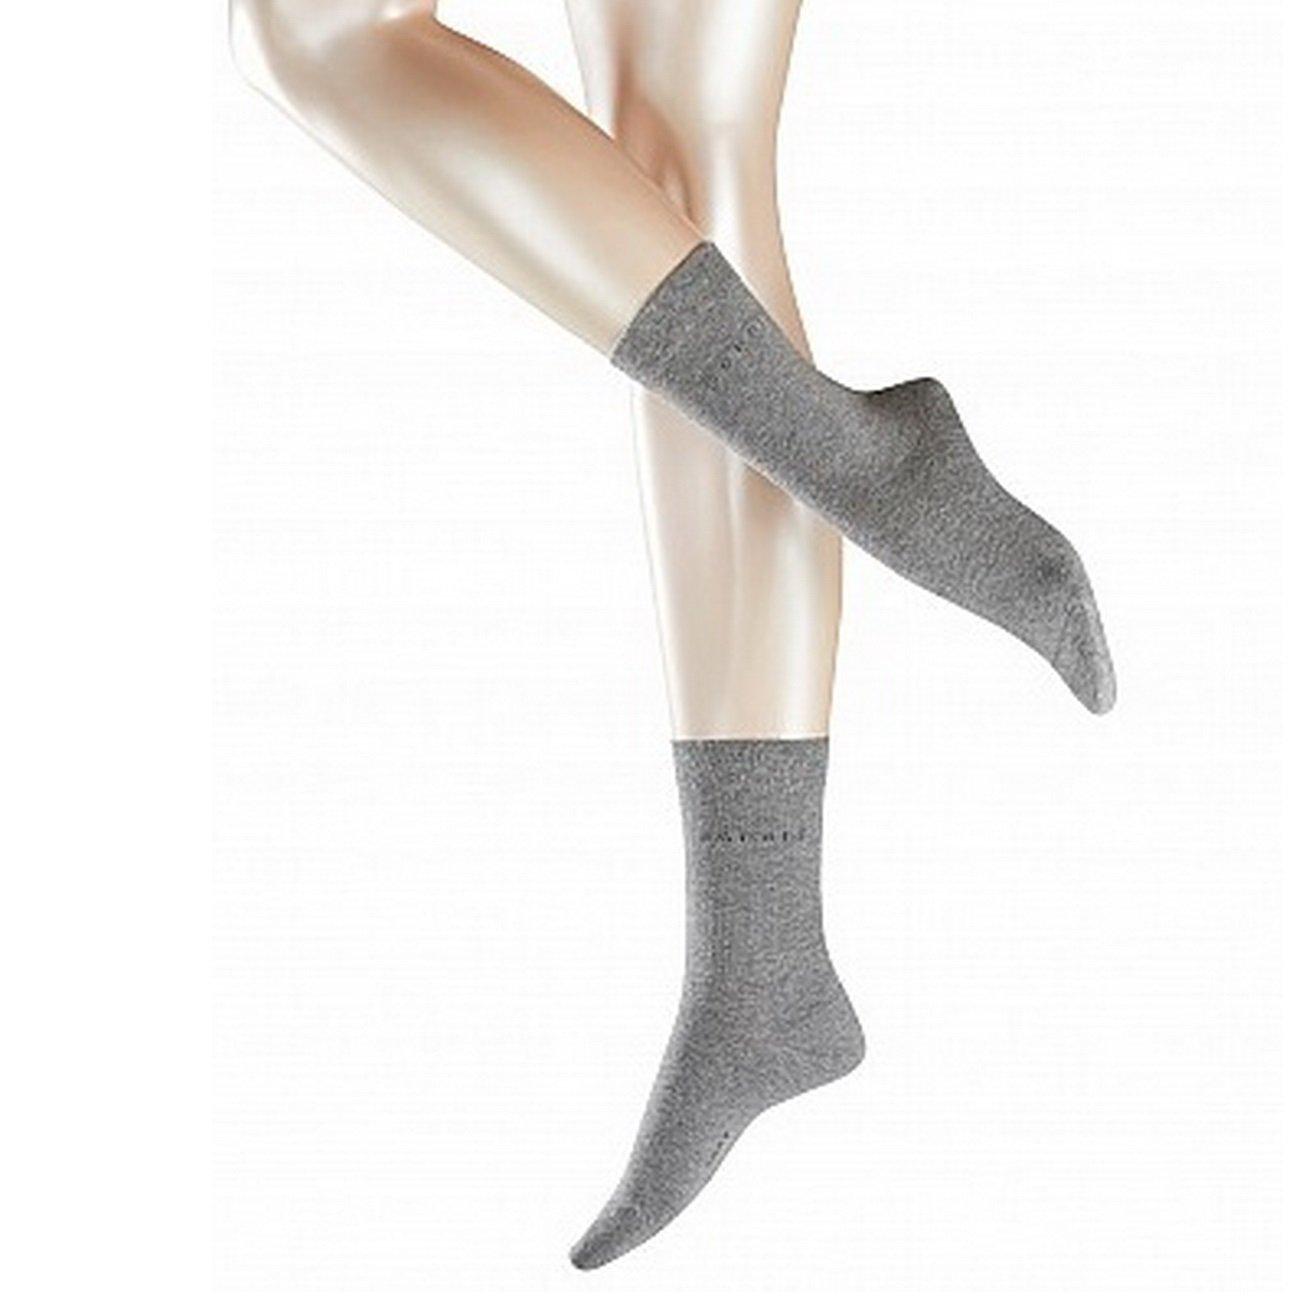 ESPRIT Damen Solid 5 Paar Baumwollsocken Sneakersocken Kurze F/ü/ßlinge Socken Baumwolle